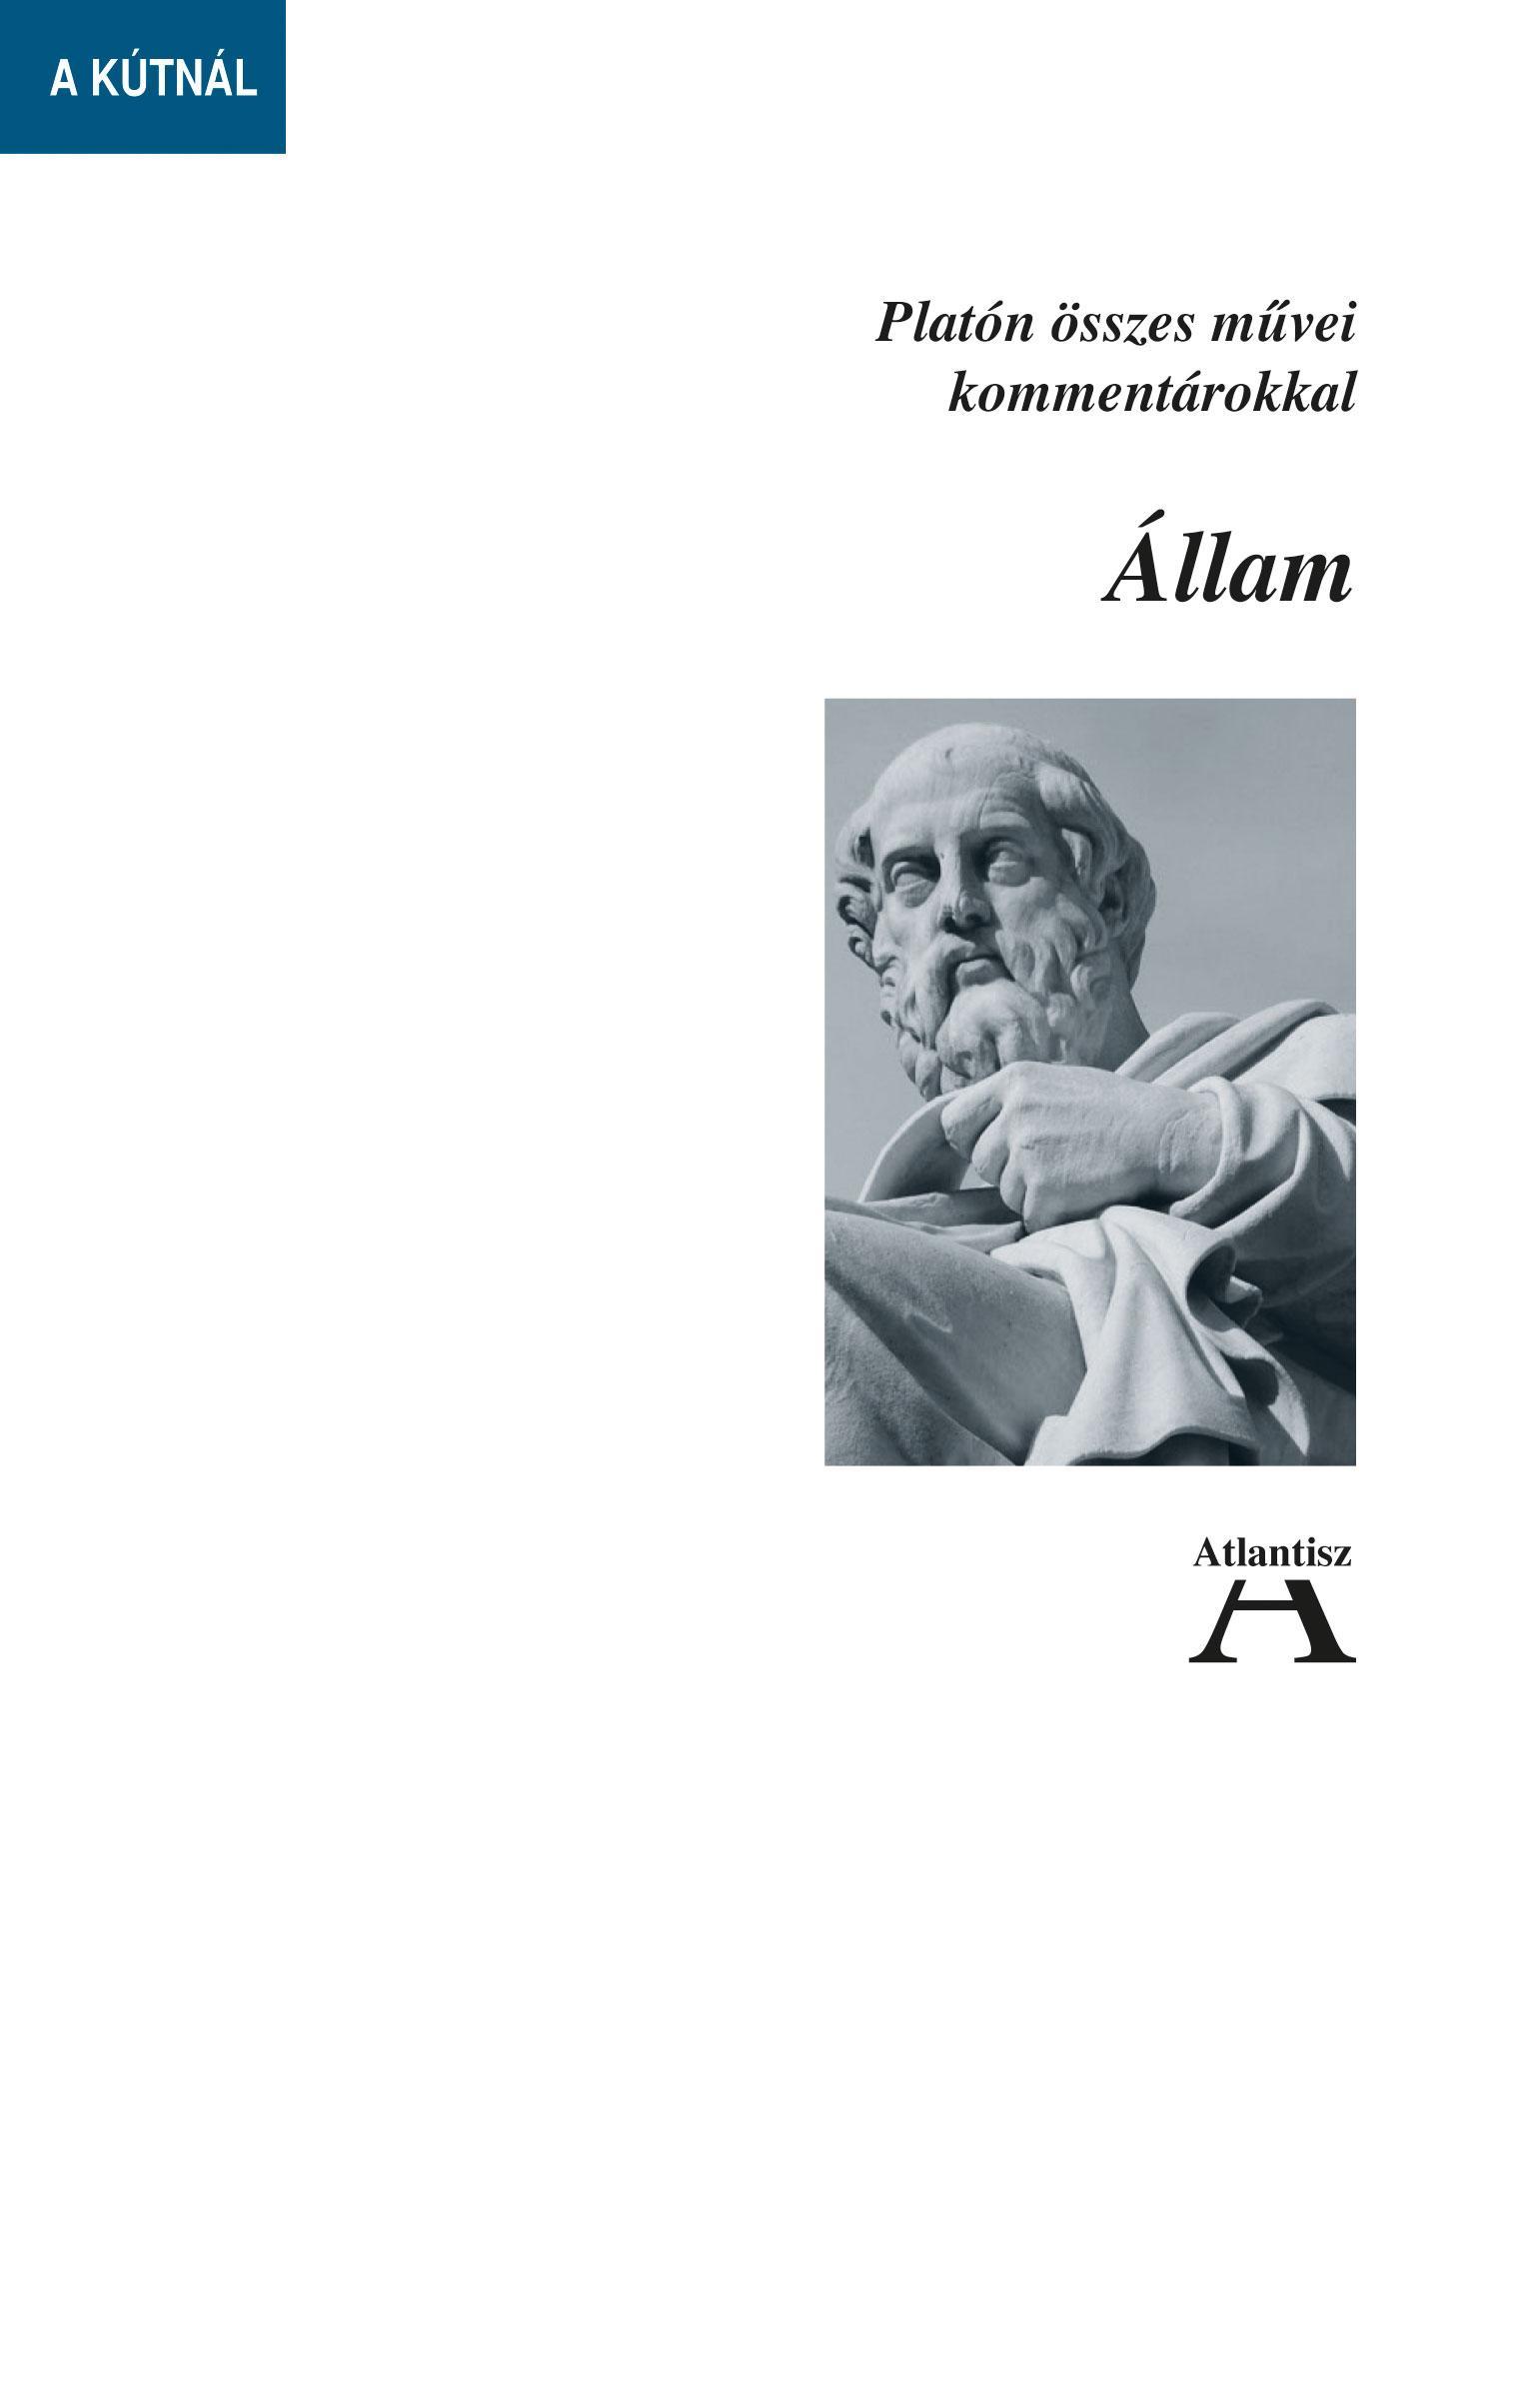 ÁLLAM - PLATÓN ÖSSZES MÛVEI KOMMENTÁROKKAL